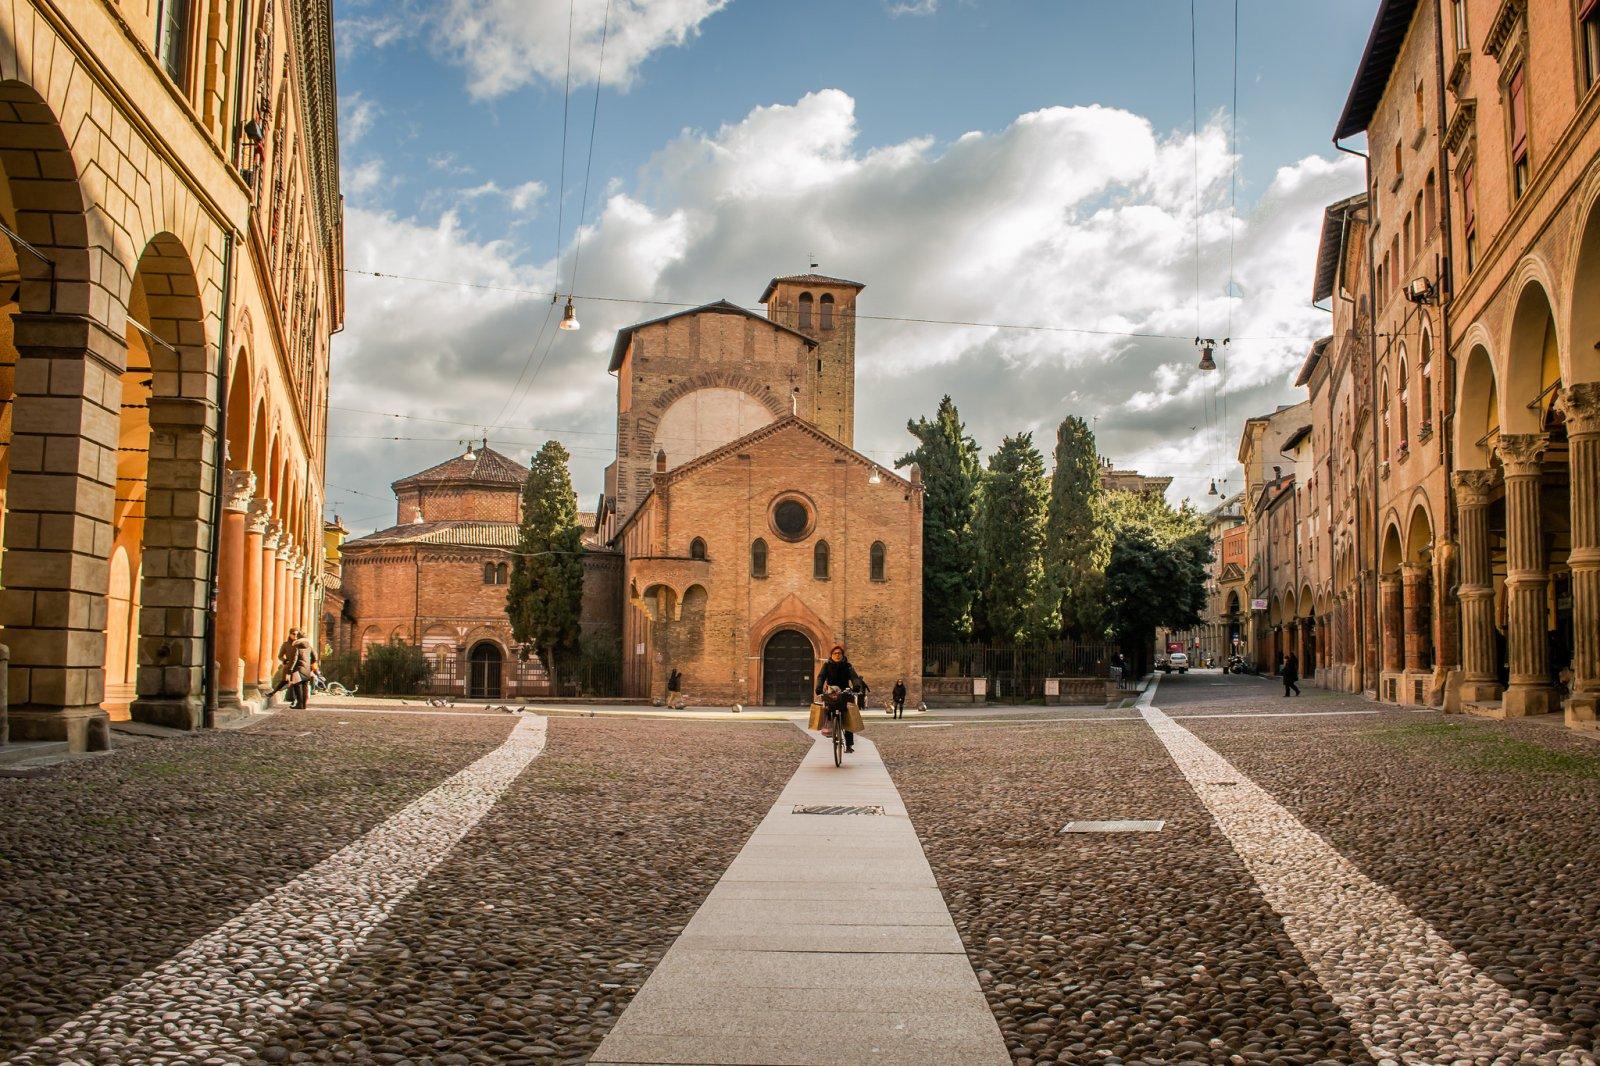 Болонья. От Средневековья к современности через башни и портики